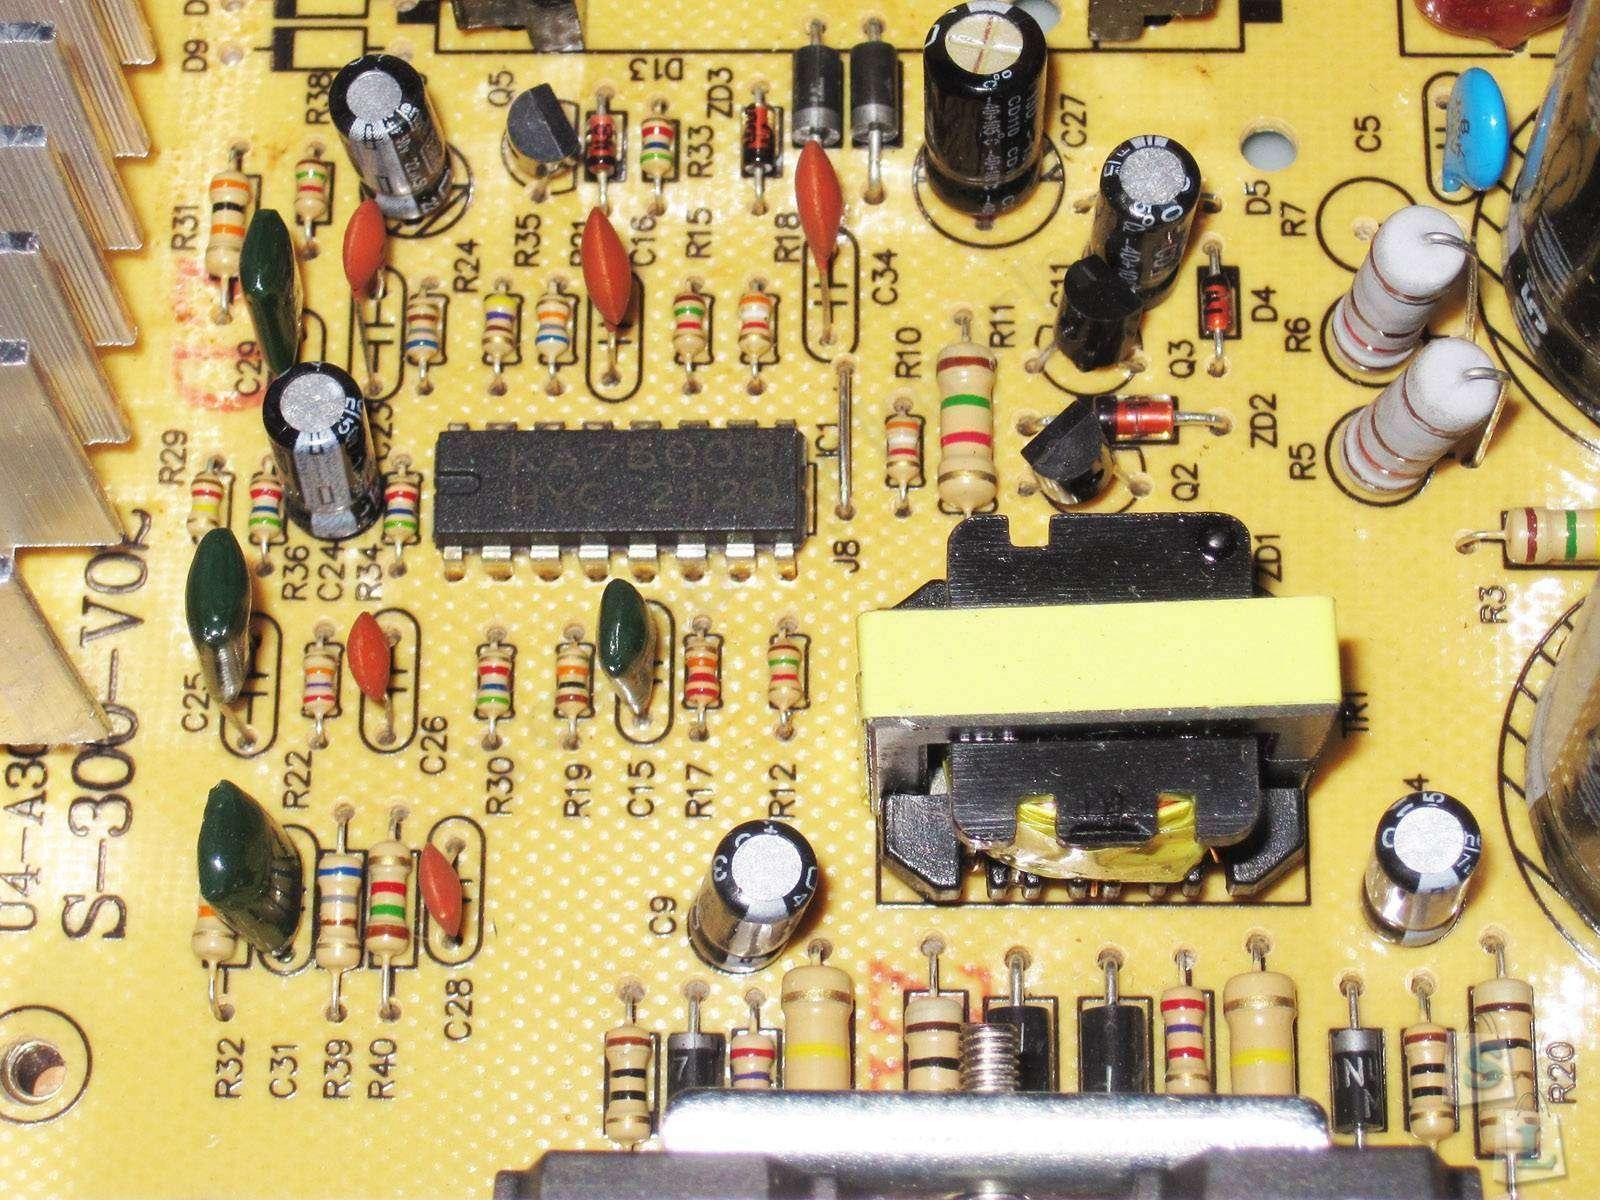 GearBest: 48 Вольт, 5 Ампер и 240 Ватт или блок питания который смог удивить